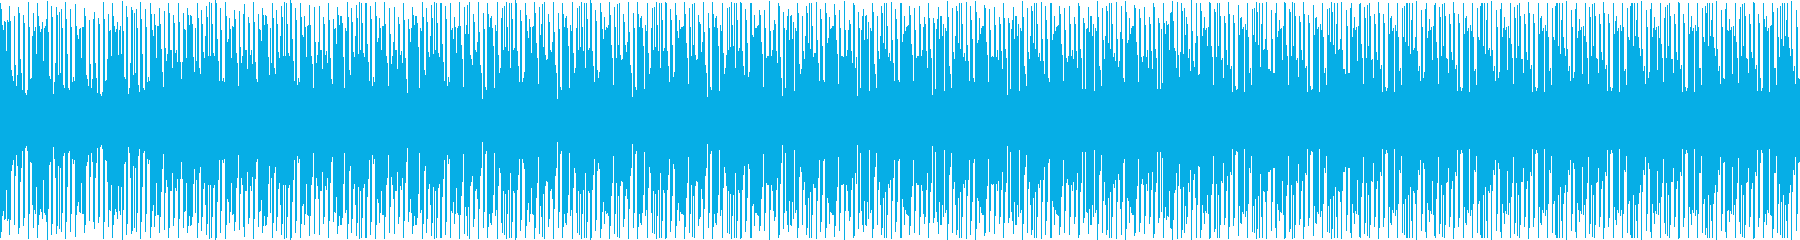 定番のあえてさりげないハウスの再生済みの波形